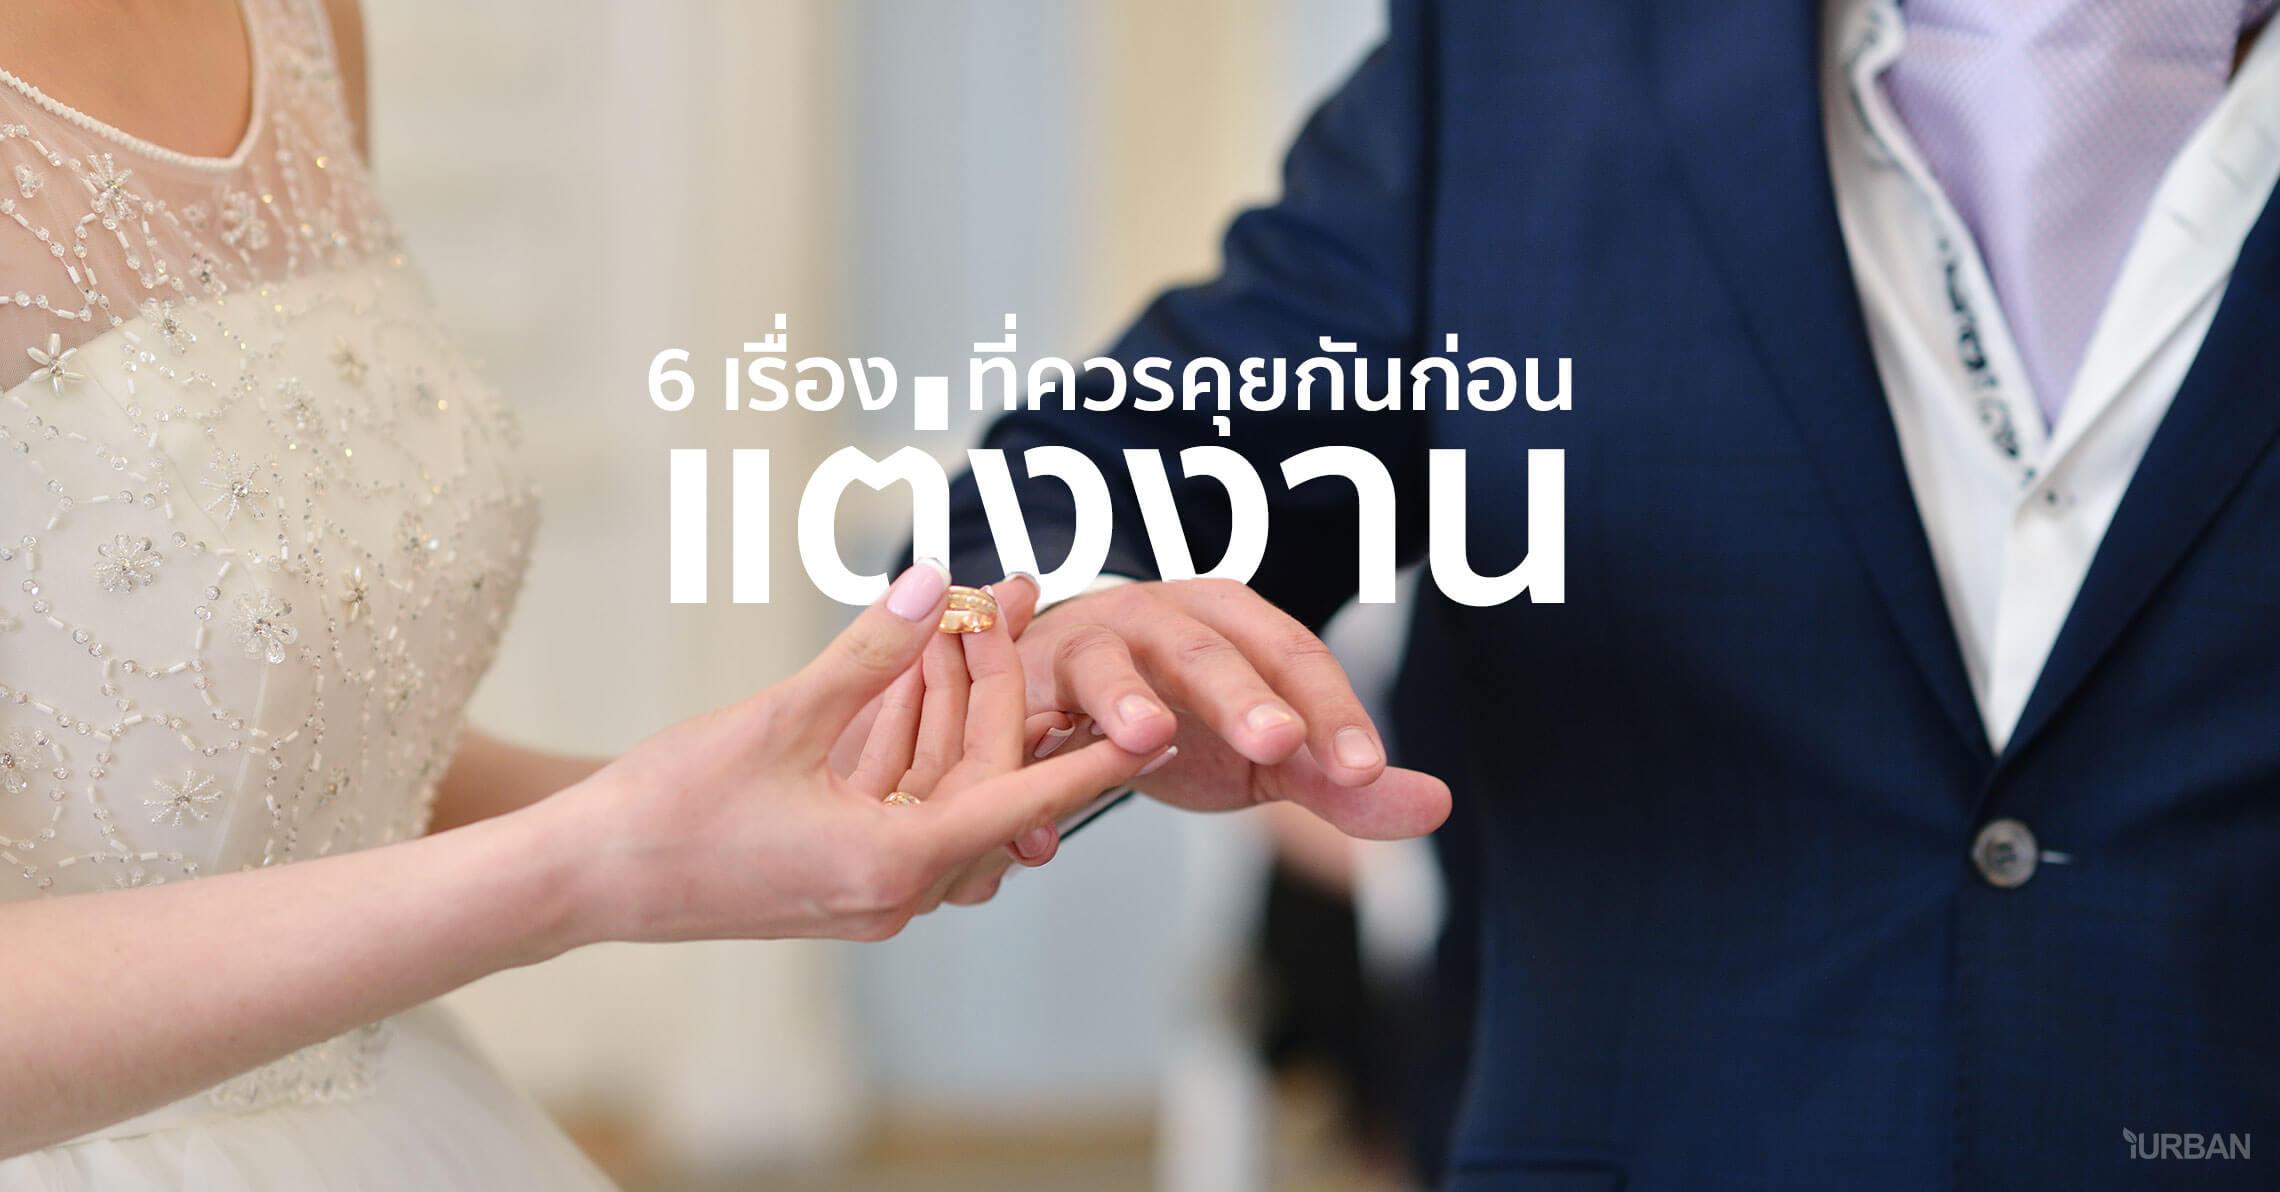 6 เรื่องที่คู่รักควรคุยกันก่อนแต่งงานเพื่อรักที่ยาวนาน ระหว่างทางไม่โดนเท 13 - AP (Thailand) - เอพี (ไทยแลนด์)